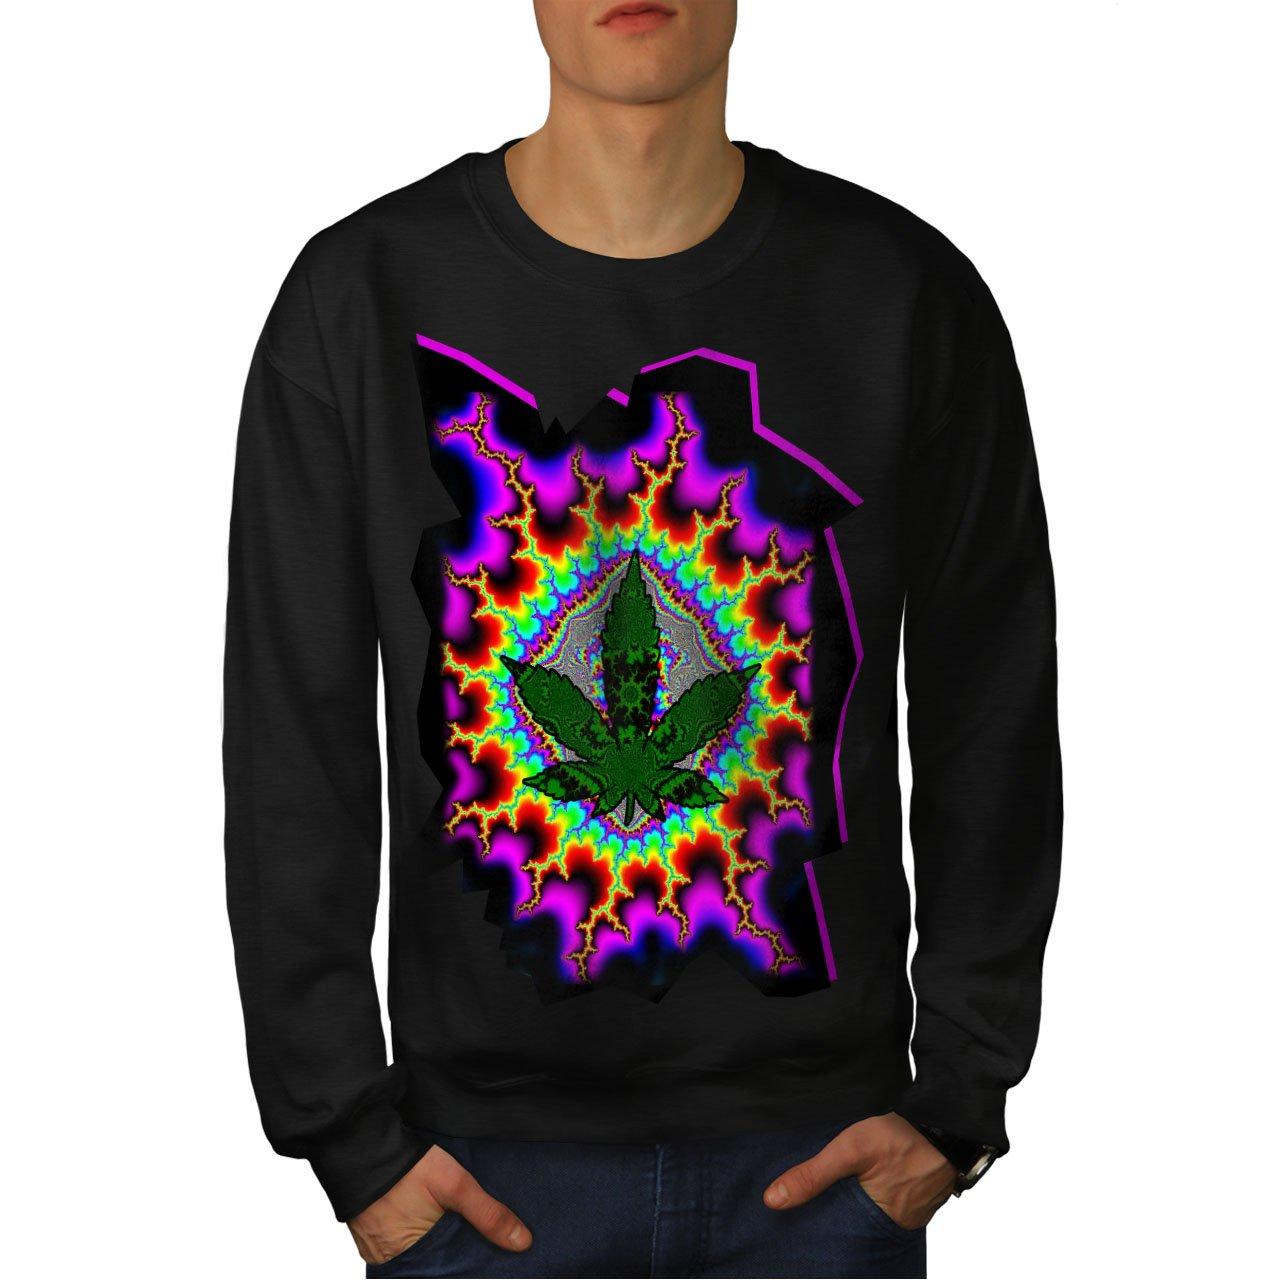 wellcoda Rasta Weed Psychedelic Mens Sweatshirt Acid Casual Jumper